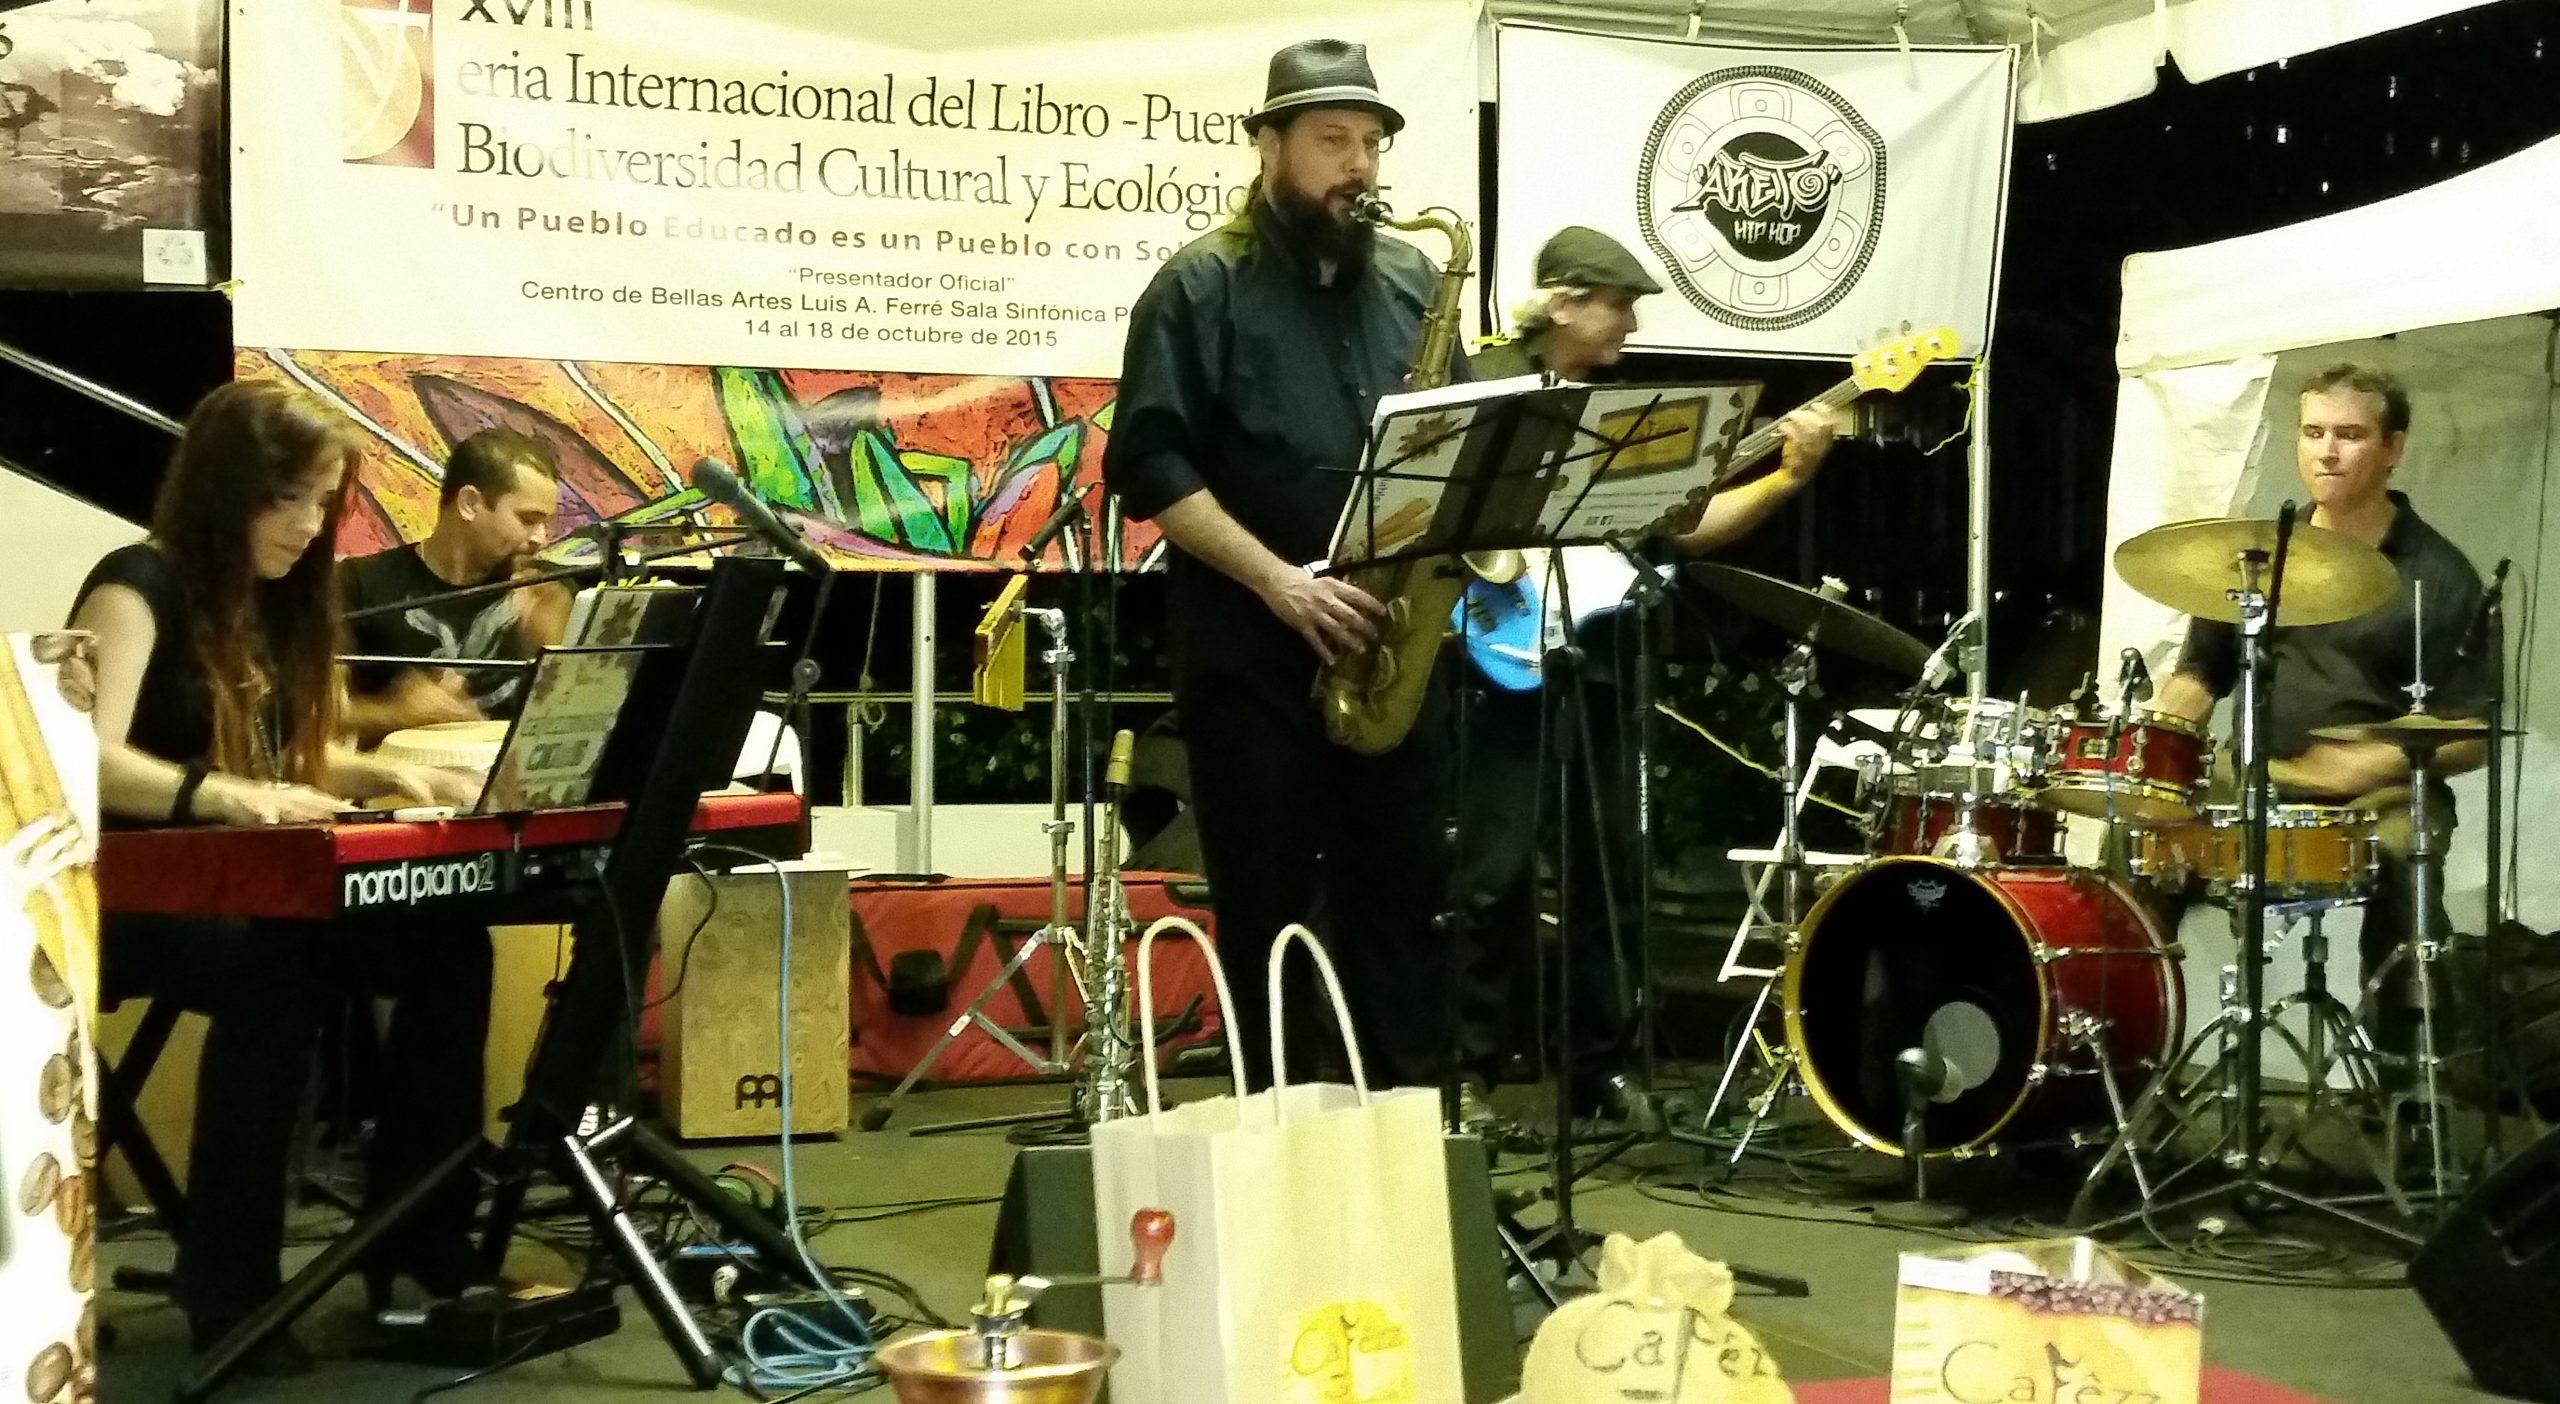 La agrupación ofreció un concierto en la pasada edición de la Feria Internacional del Libro, celebrada en Bellas Artes de Santurce. (Foto Rafael Caraballo para Fundación Nacional para la Cultura Popular)